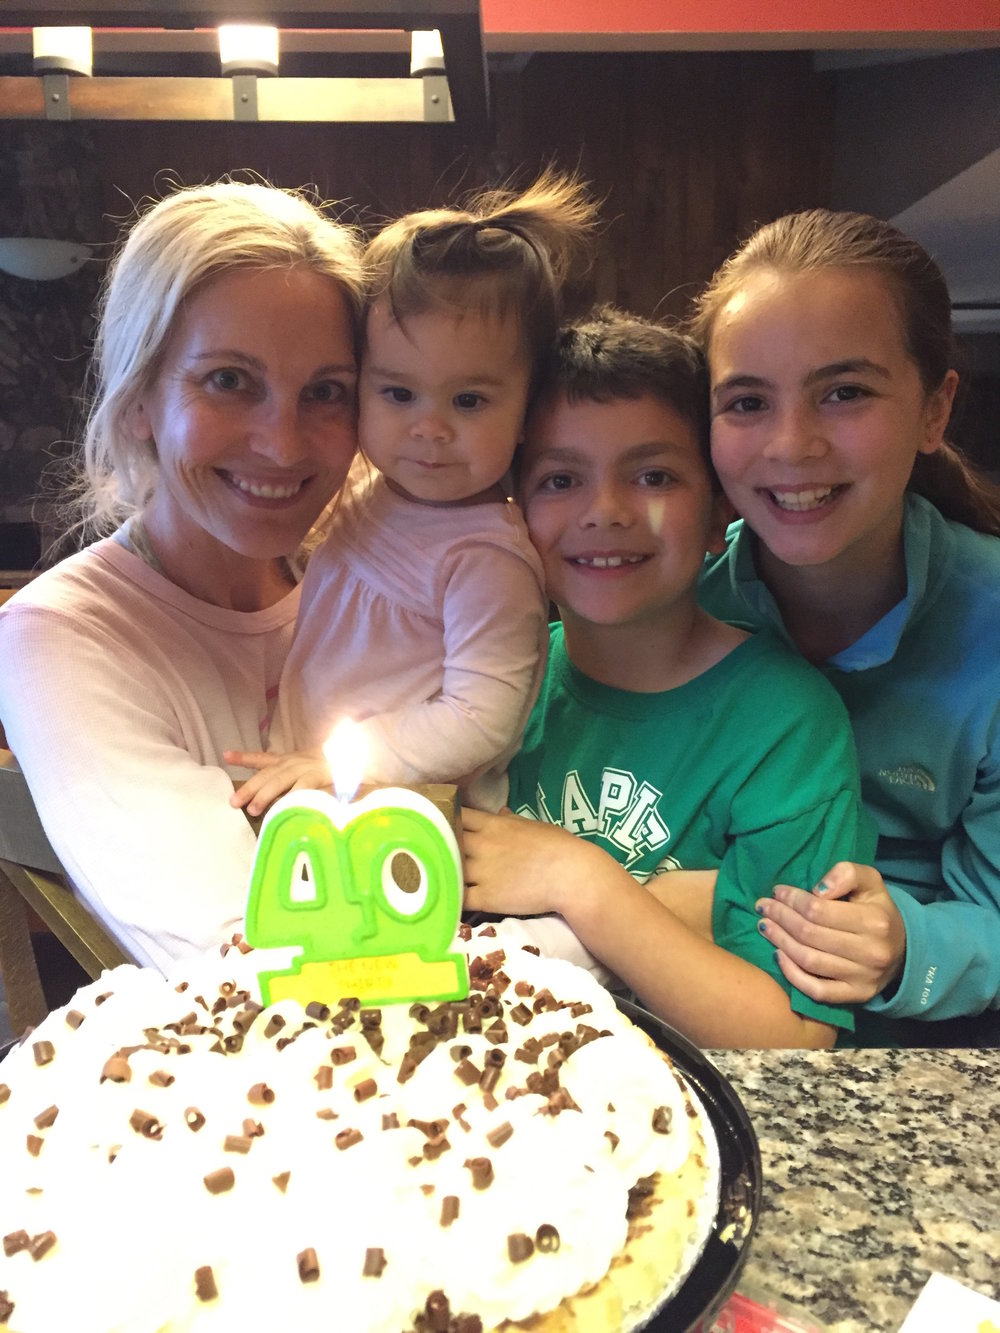 Sarah and her 3 kids